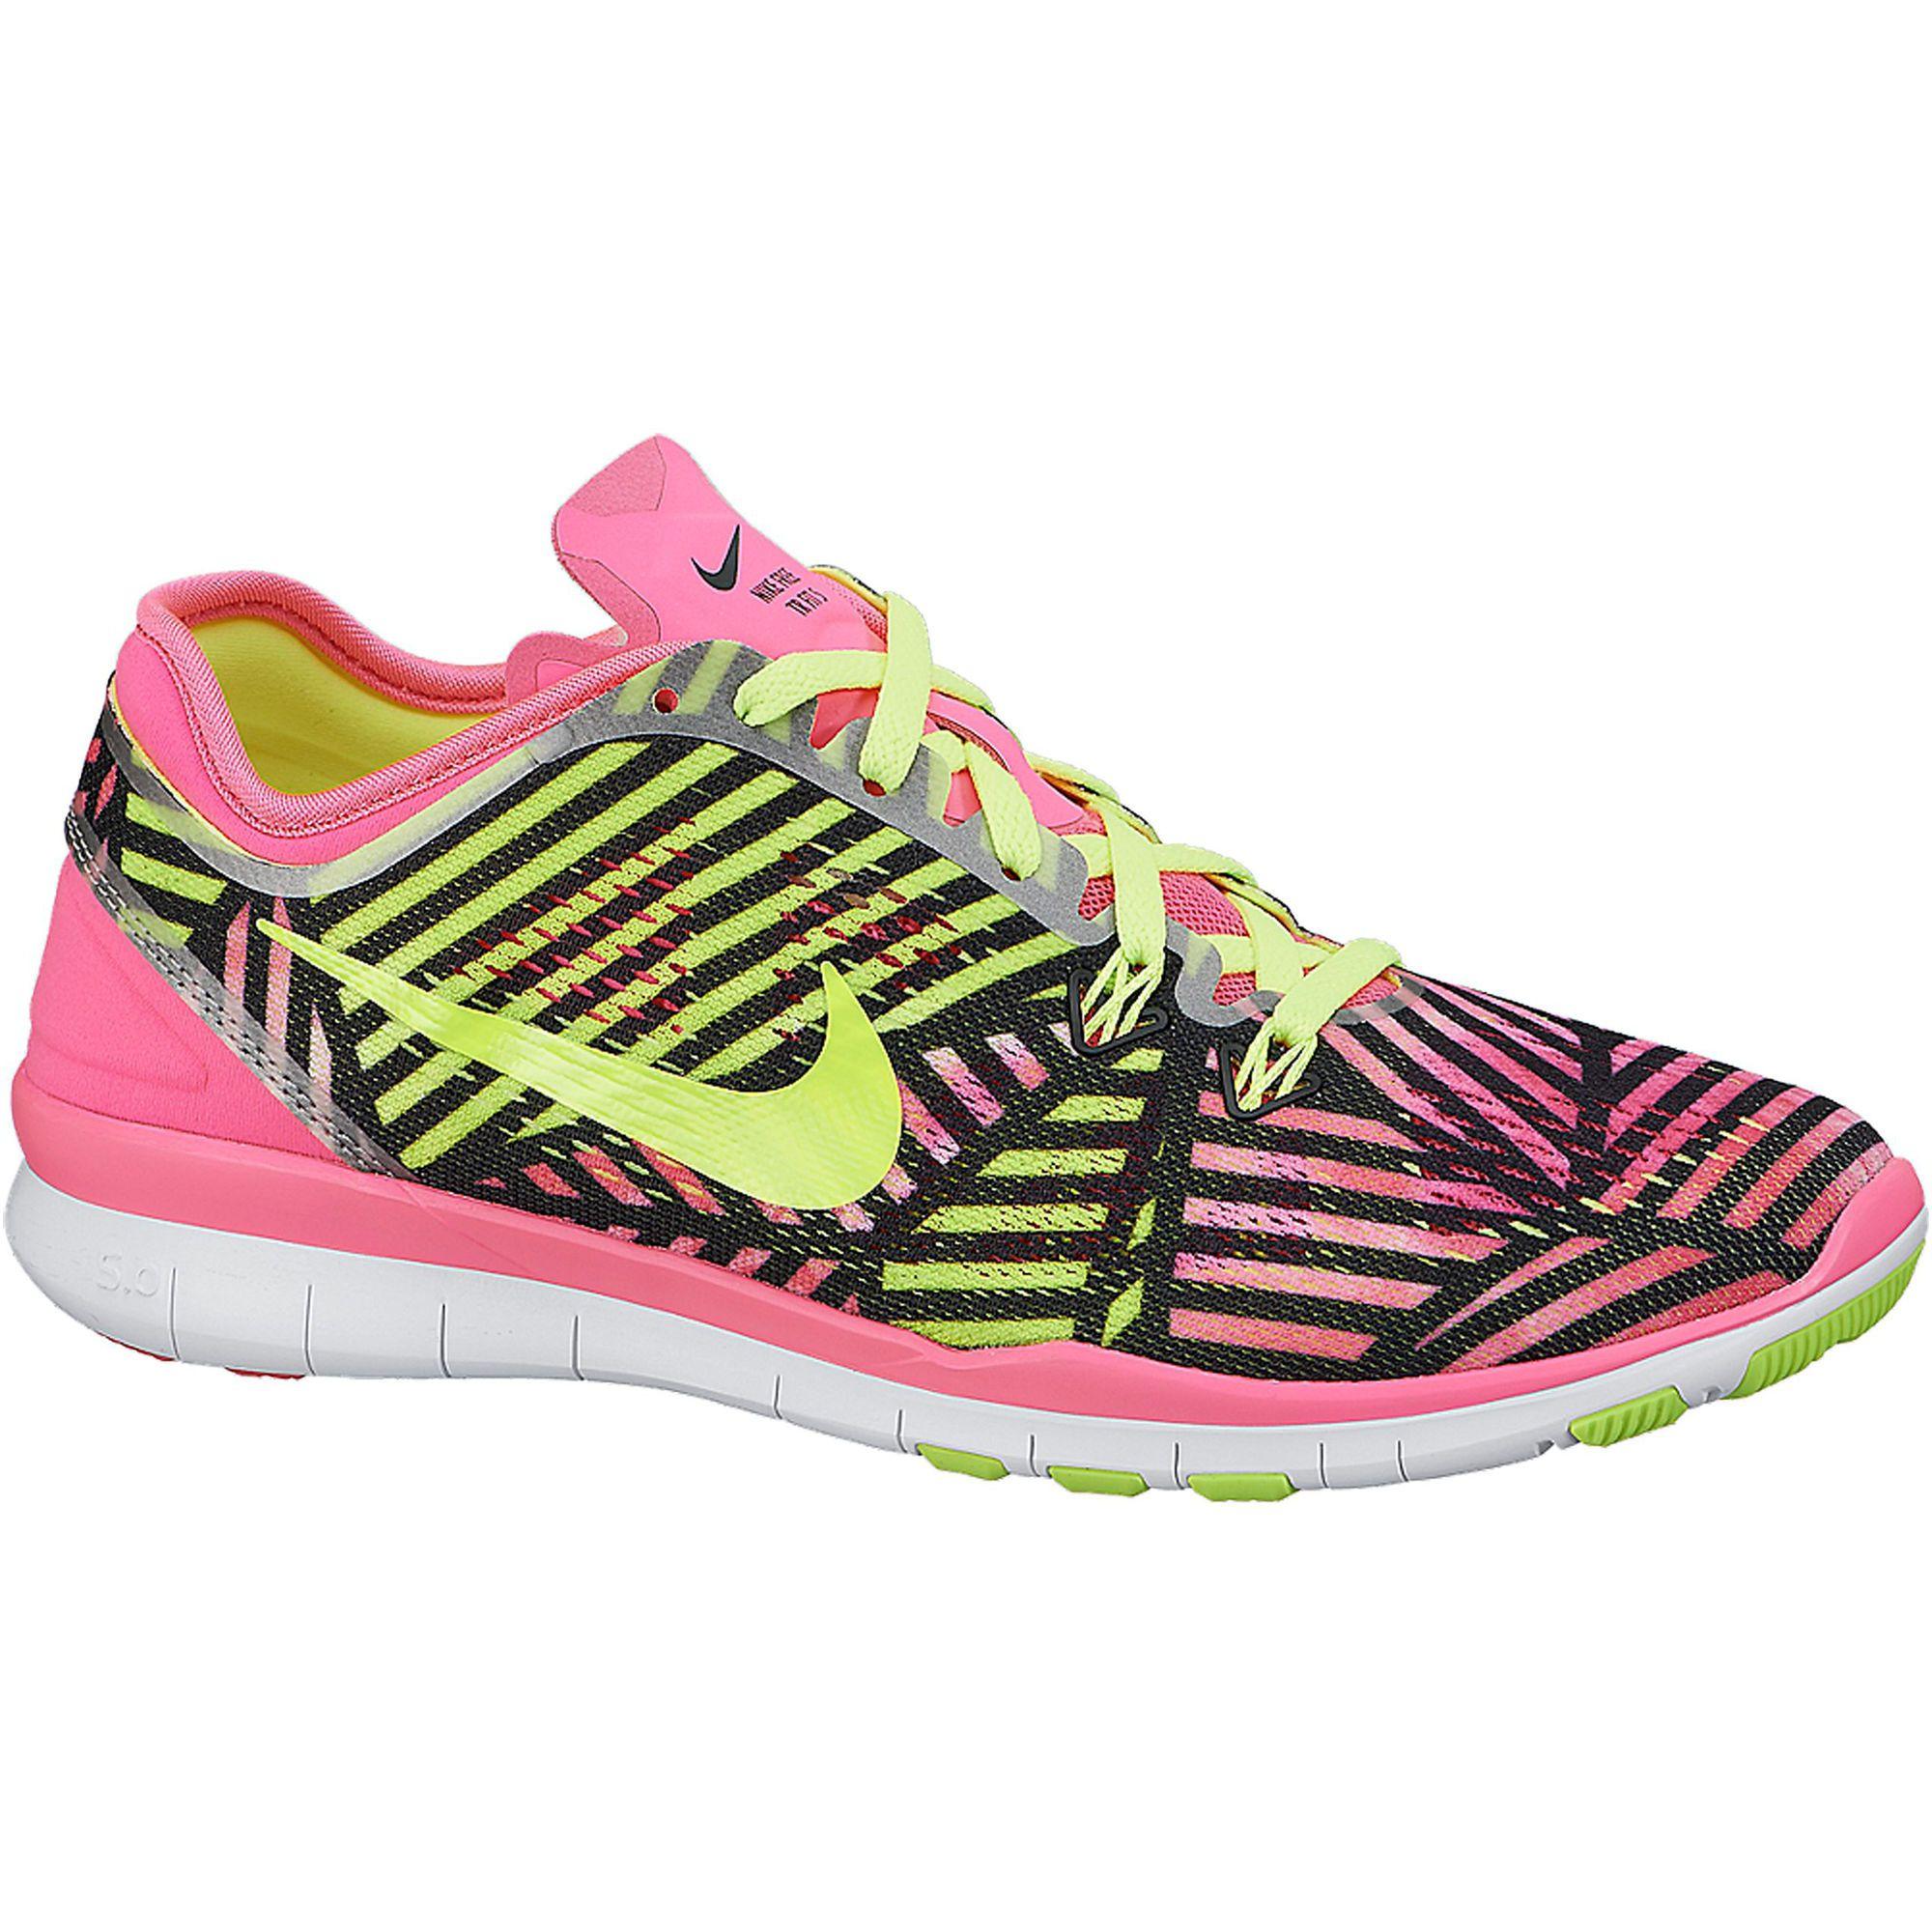 Wiggle Deutschland | Nike - Free 5.0 TR Fit Print Schuhe für Frauen F 15 |